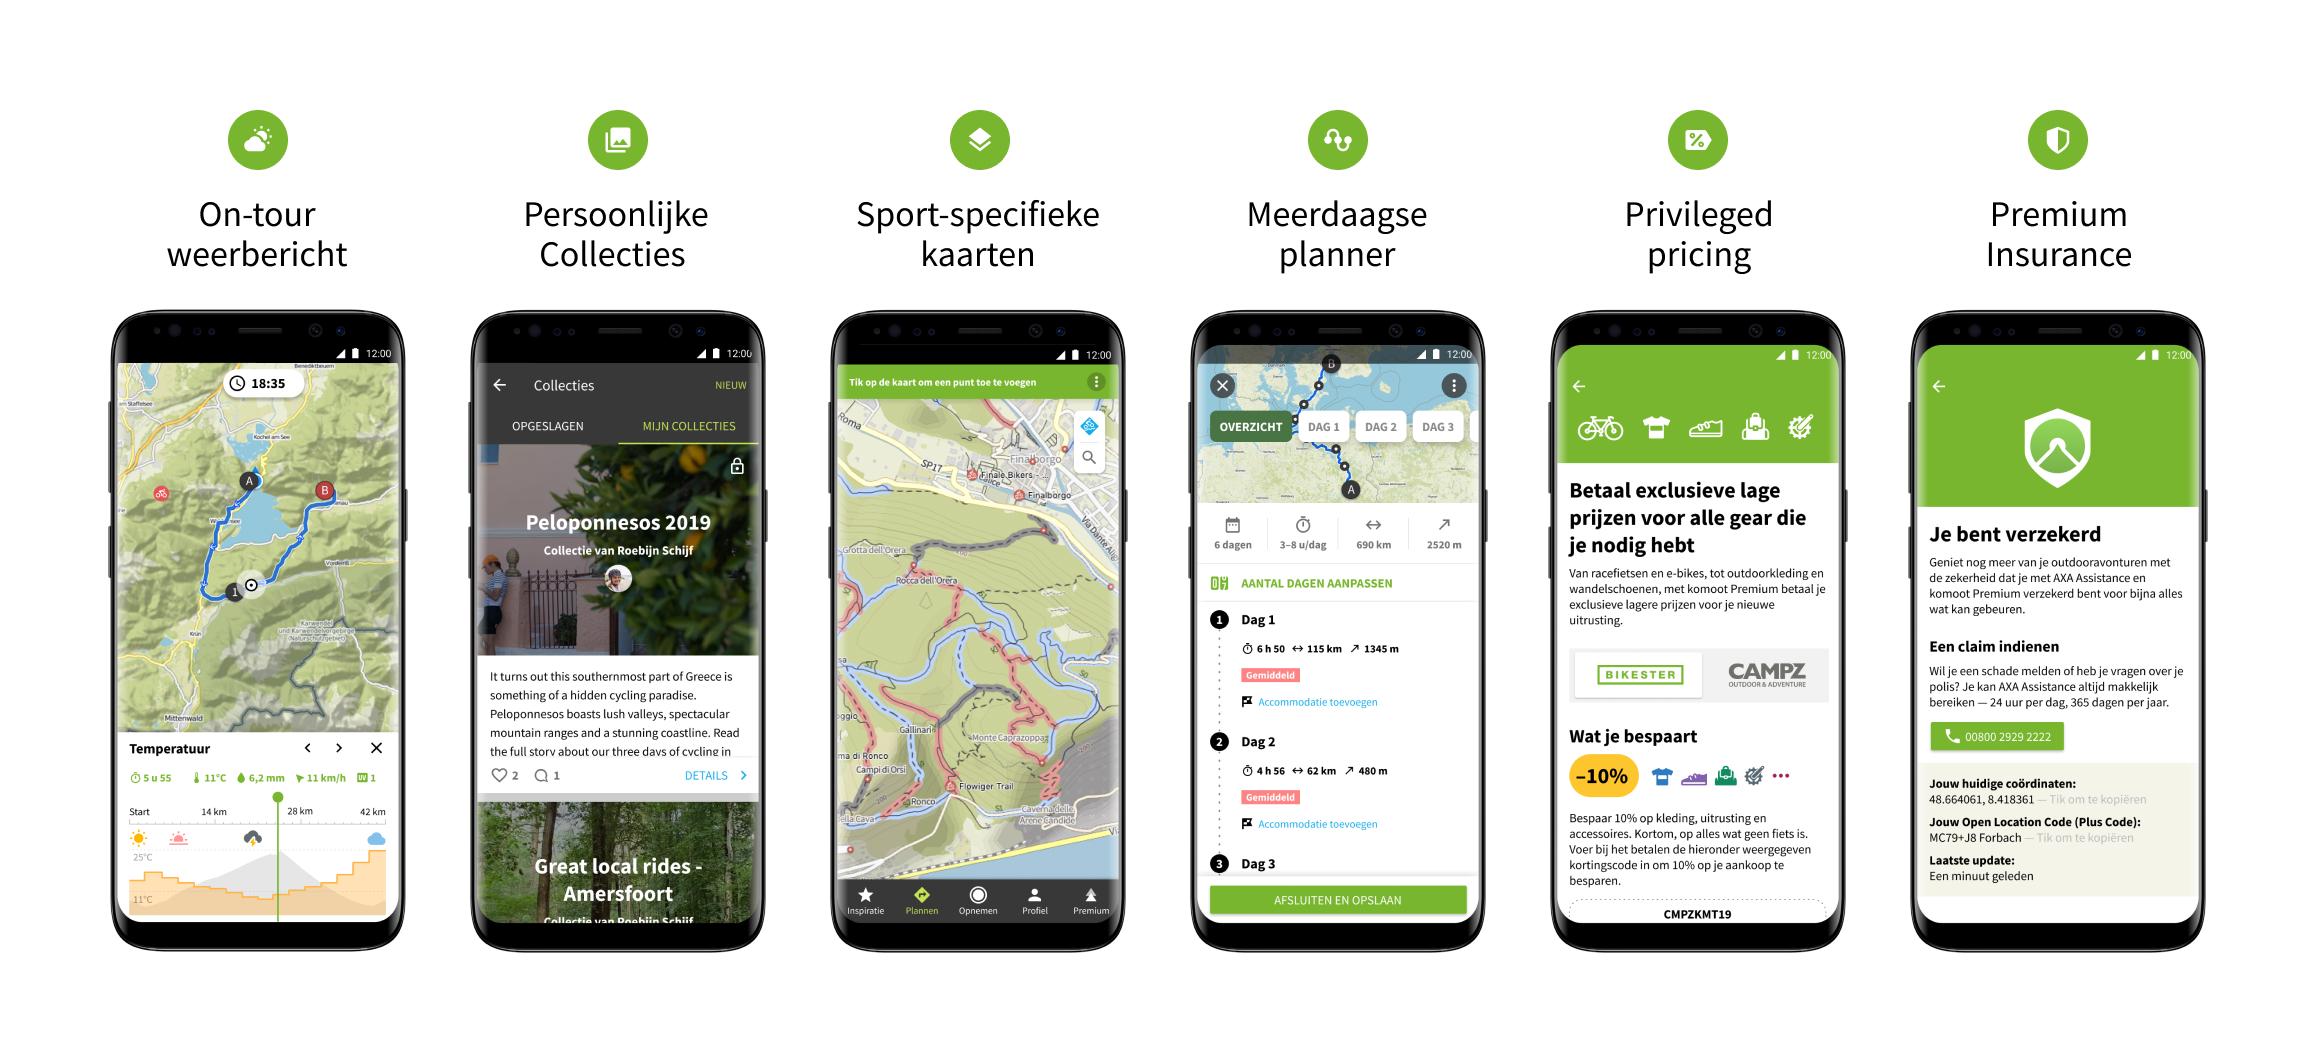 premium-pr-release-features-nl.jpg